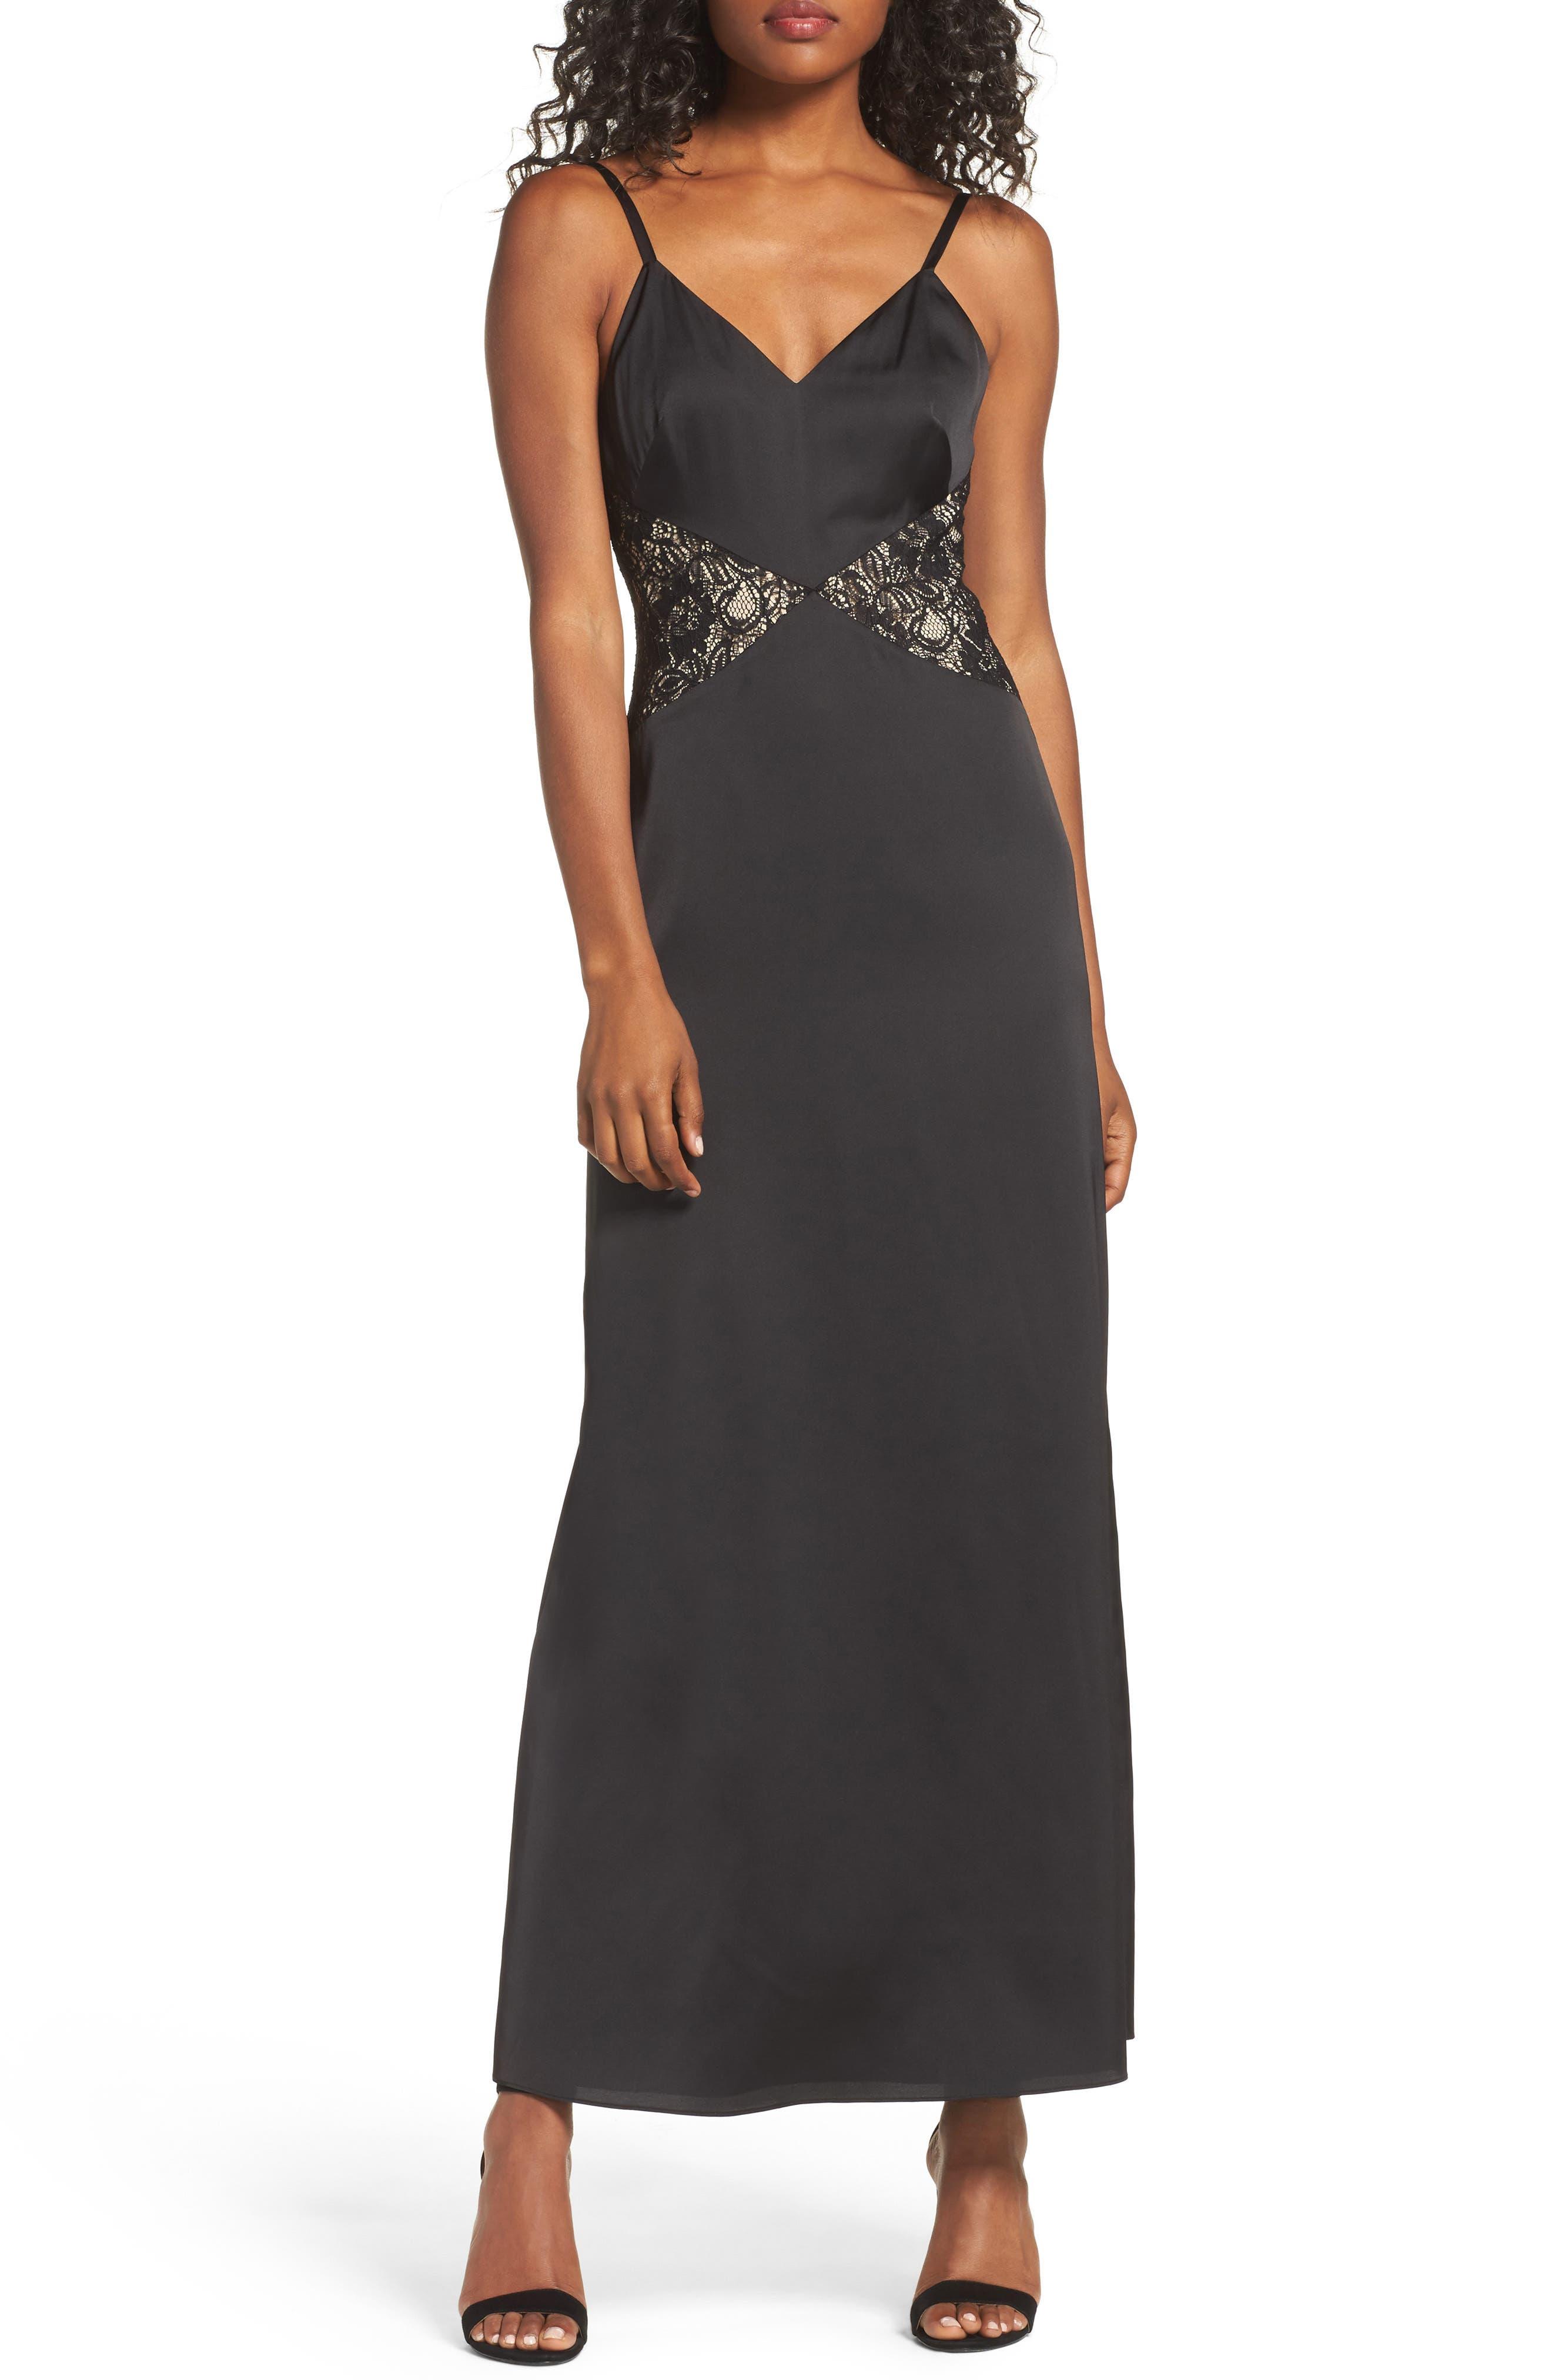 Femme Fatale Slip Dress,                         Main,                         color, Black